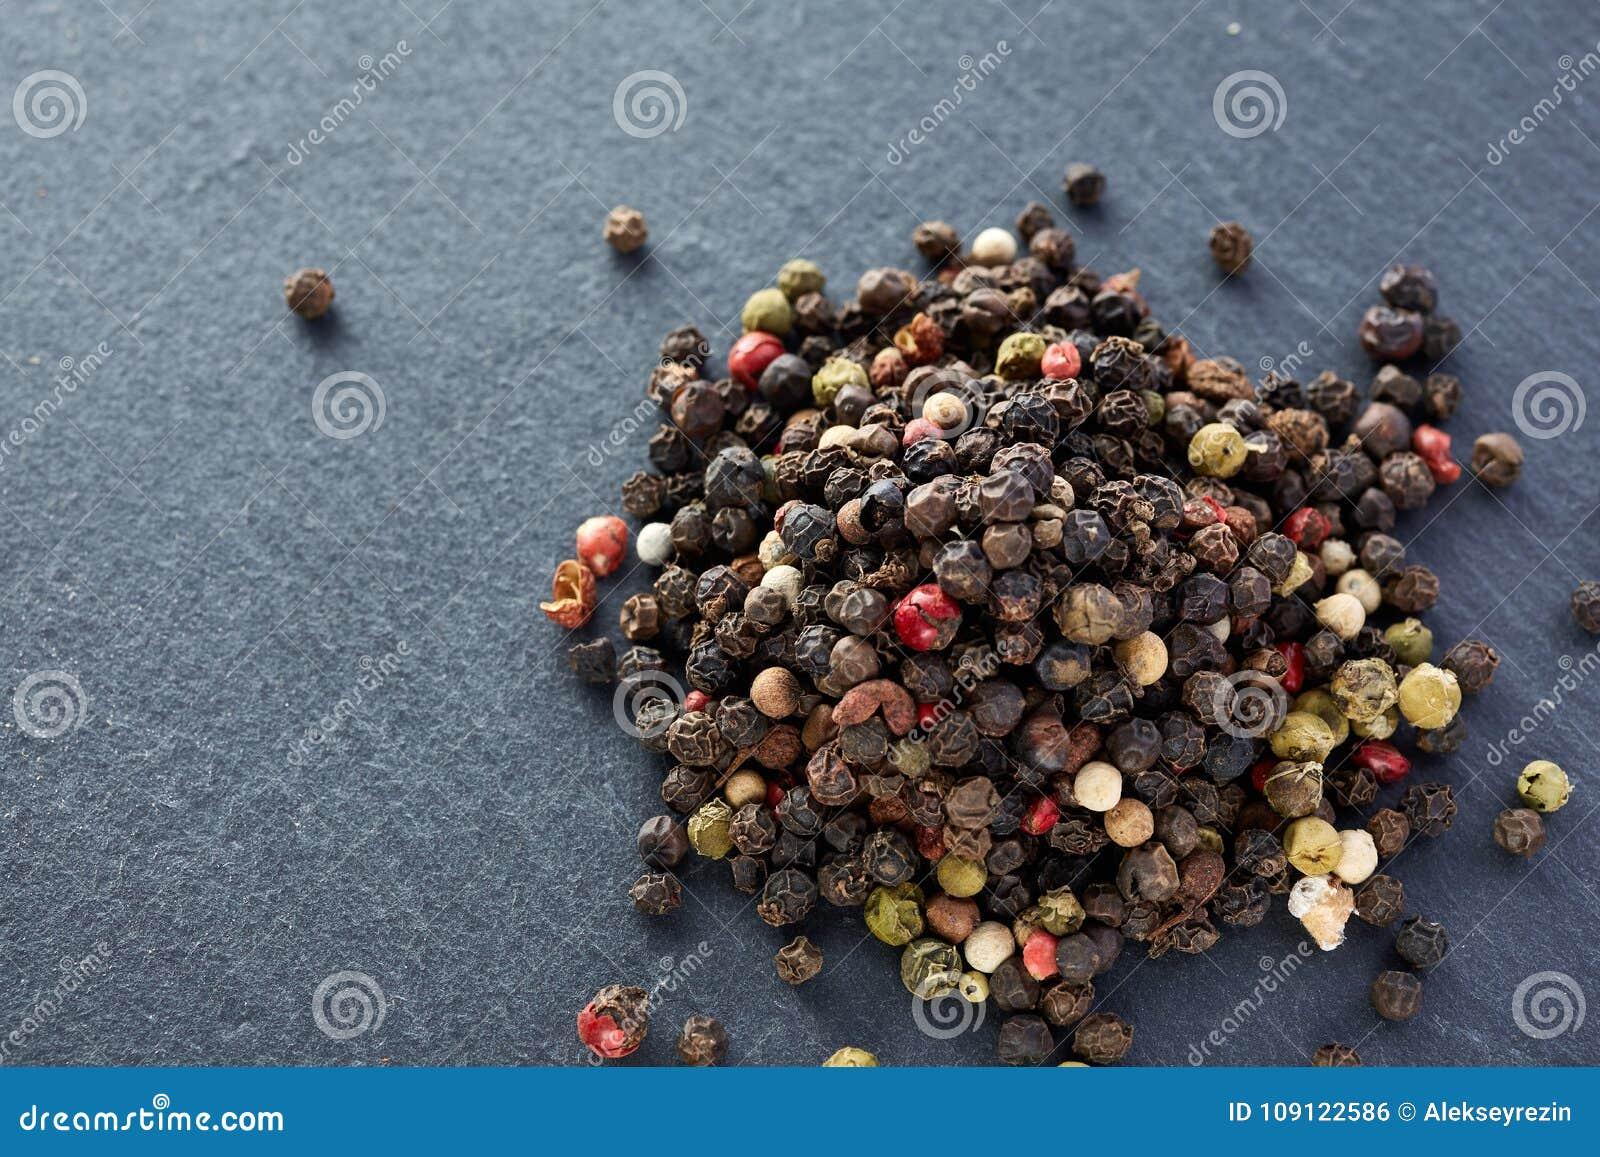 El bulto de diversas semillas de los granos de pimienta de la pimienta se mezcla en piedra oscura